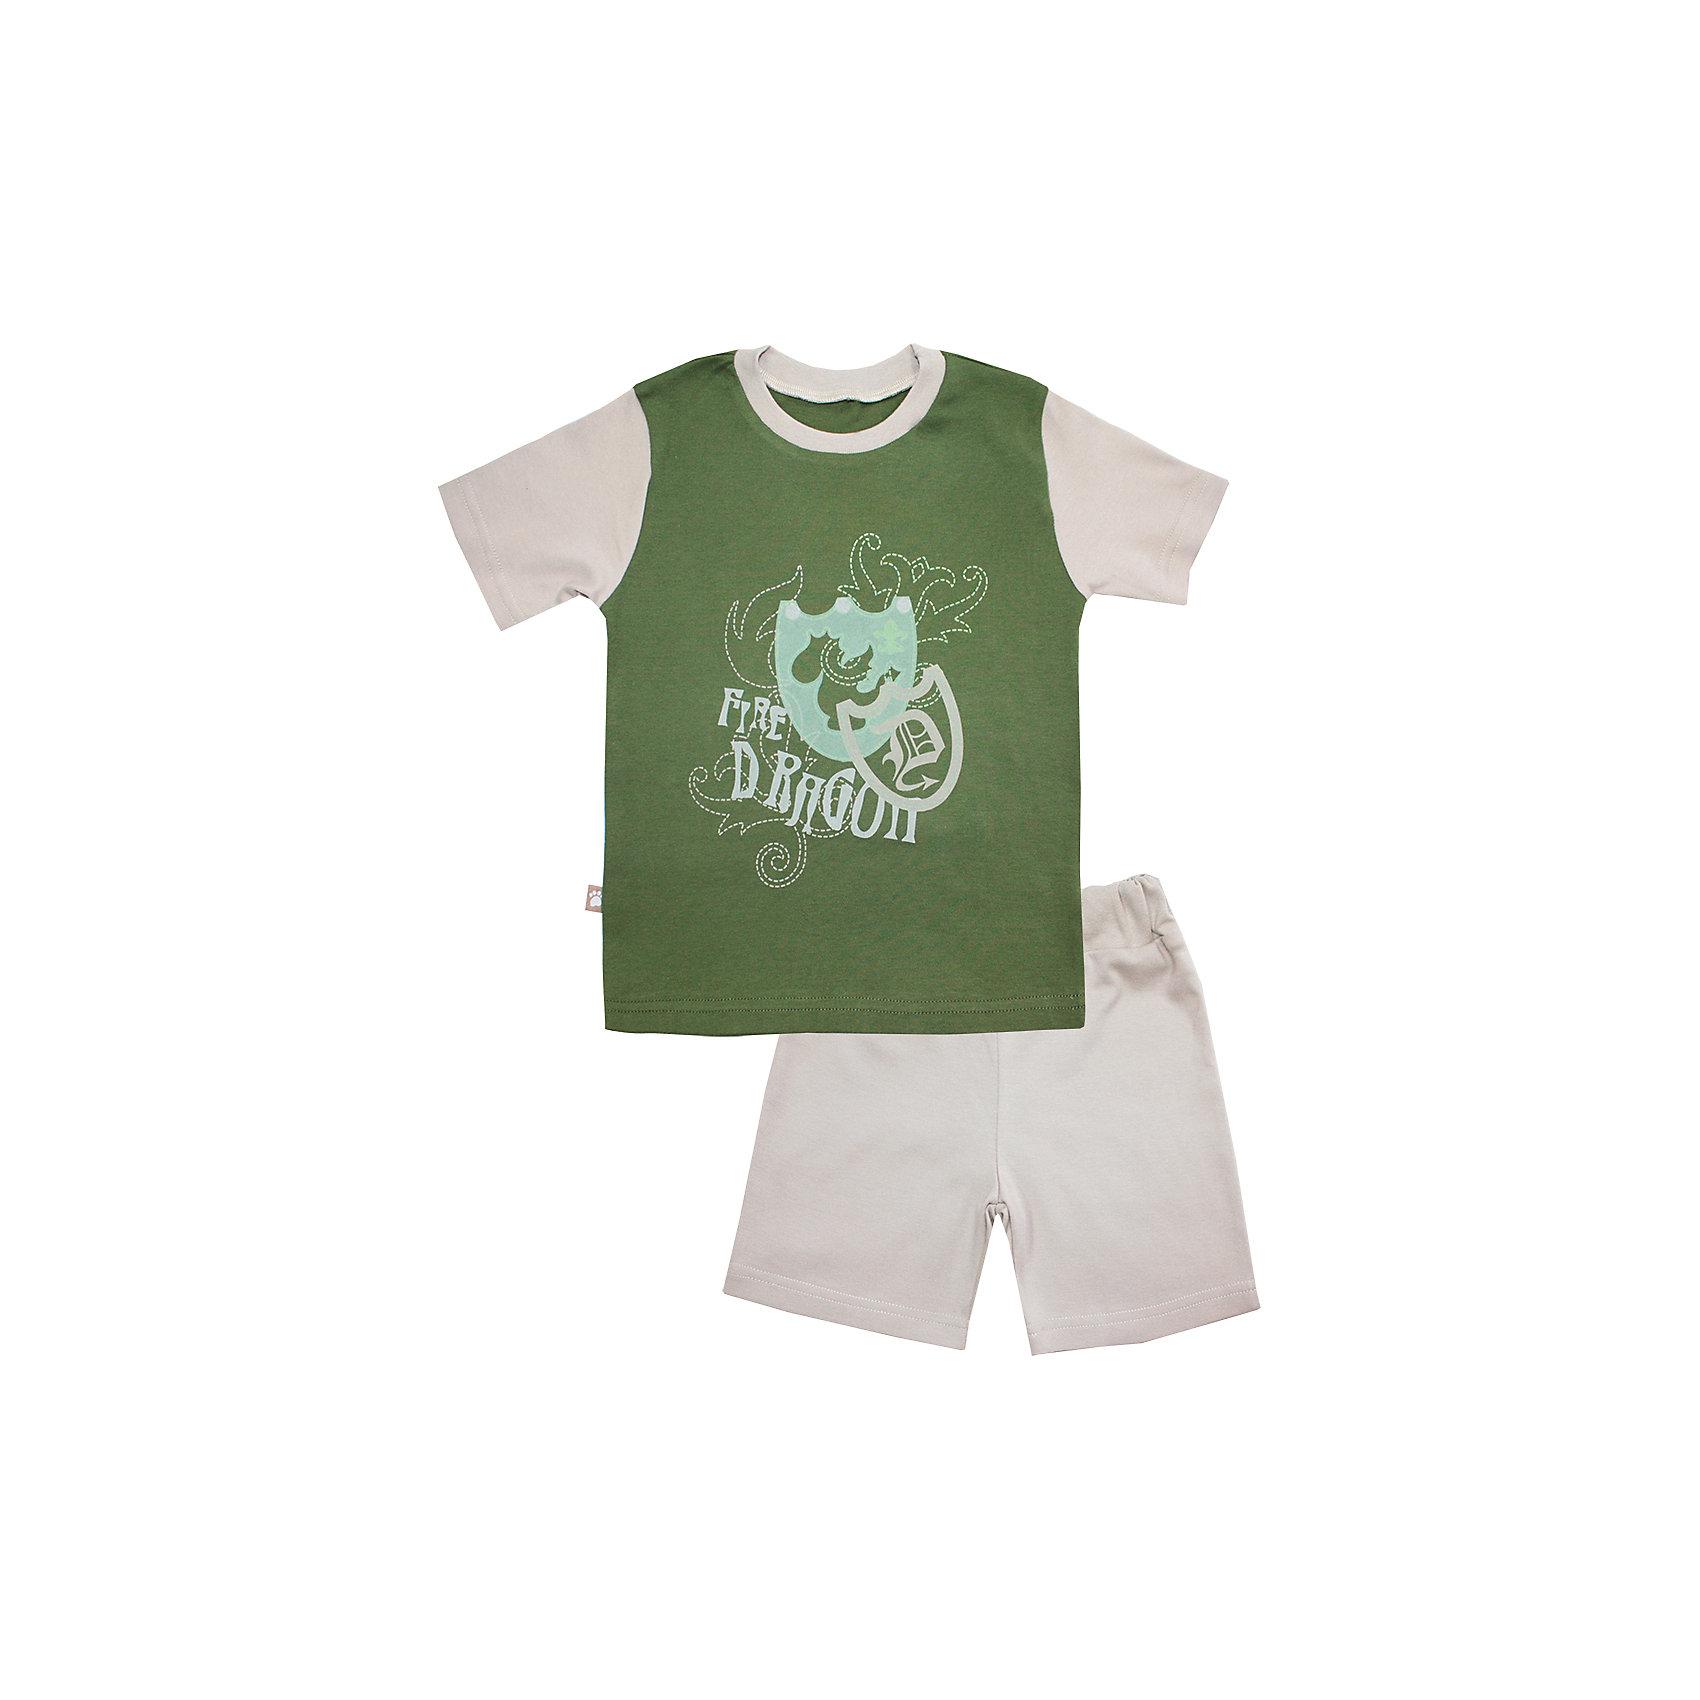 Пижама: футболка и шорты для мальчика KotMarKotПижамы и сорочки<br>Пижама: футболка и шорты для мальчика от известного бренда KotMarKot<br>Состав:<br>100% хлопок<br><br>Ширина мм: 281<br>Глубина мм: 70<br>Высота мм: 188<br>Вес г: 295<br>Цвет: зеленый<br>Возраст от месяцев: 60<br>Возраст до месяцев: 72<br>Пол: Мужской<br>Возраст: Детский<br>Размер: 116,110,122,134,104,128<br>SKU: 4873295